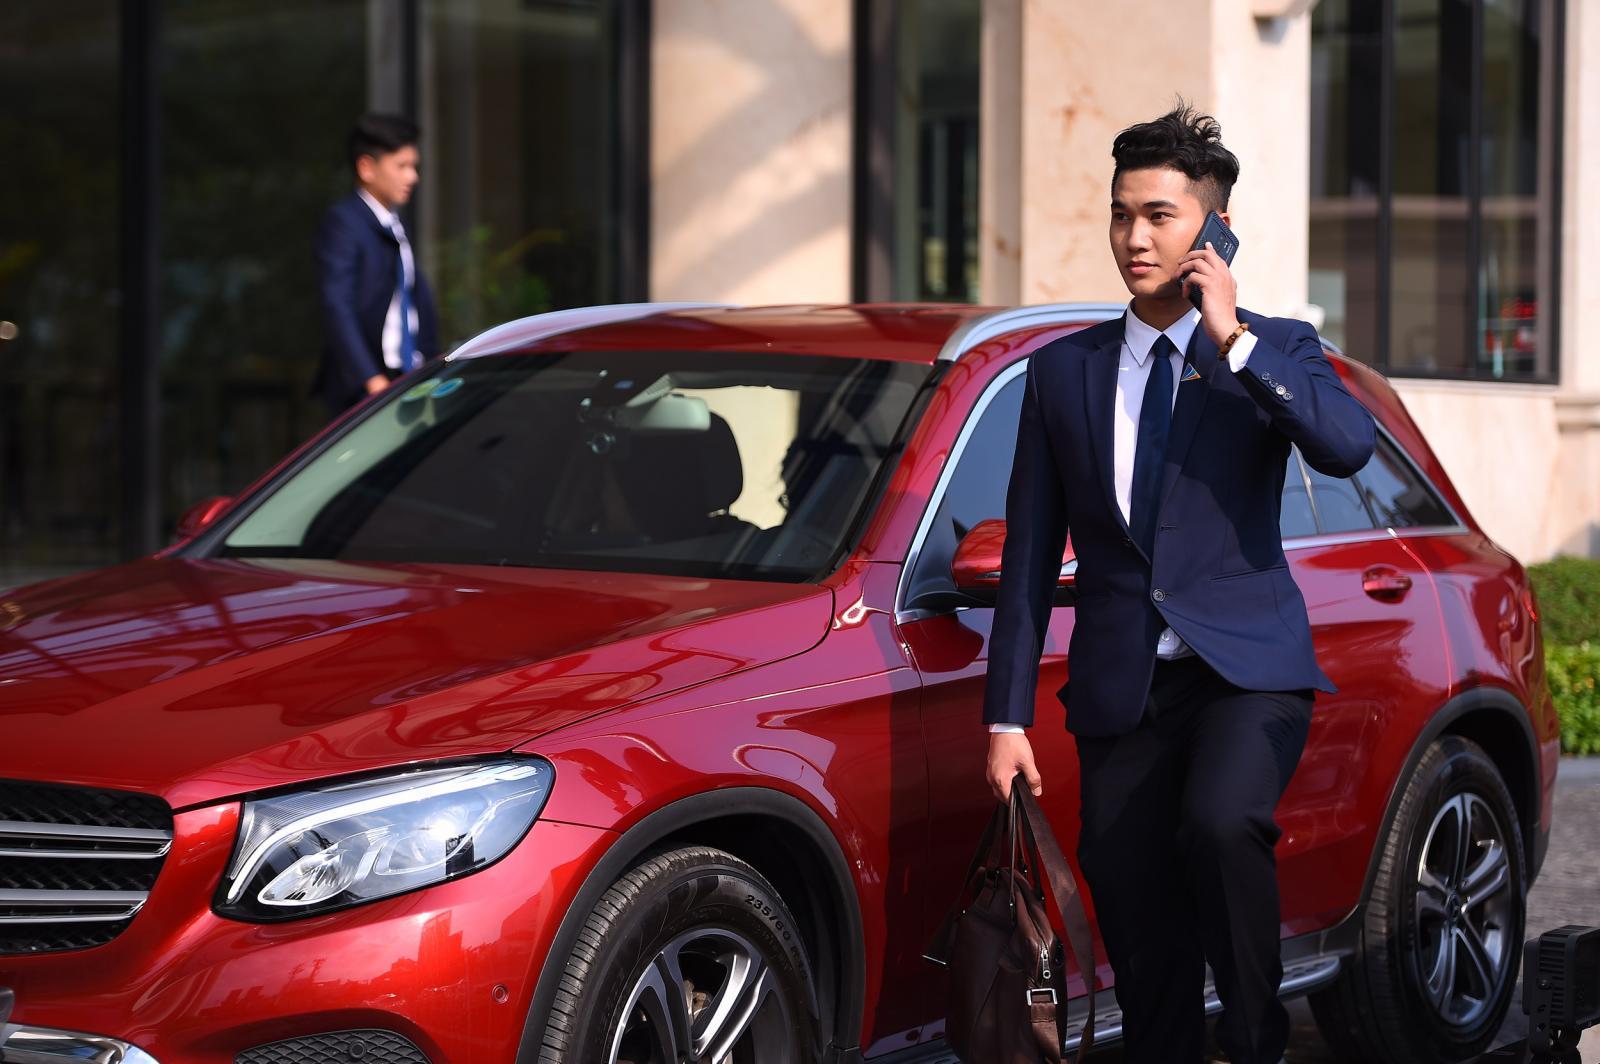 Một nhân viên môi giới bất động sản mặc vest, đang nghe điện thoại cạnh ô tô màu đỏ.